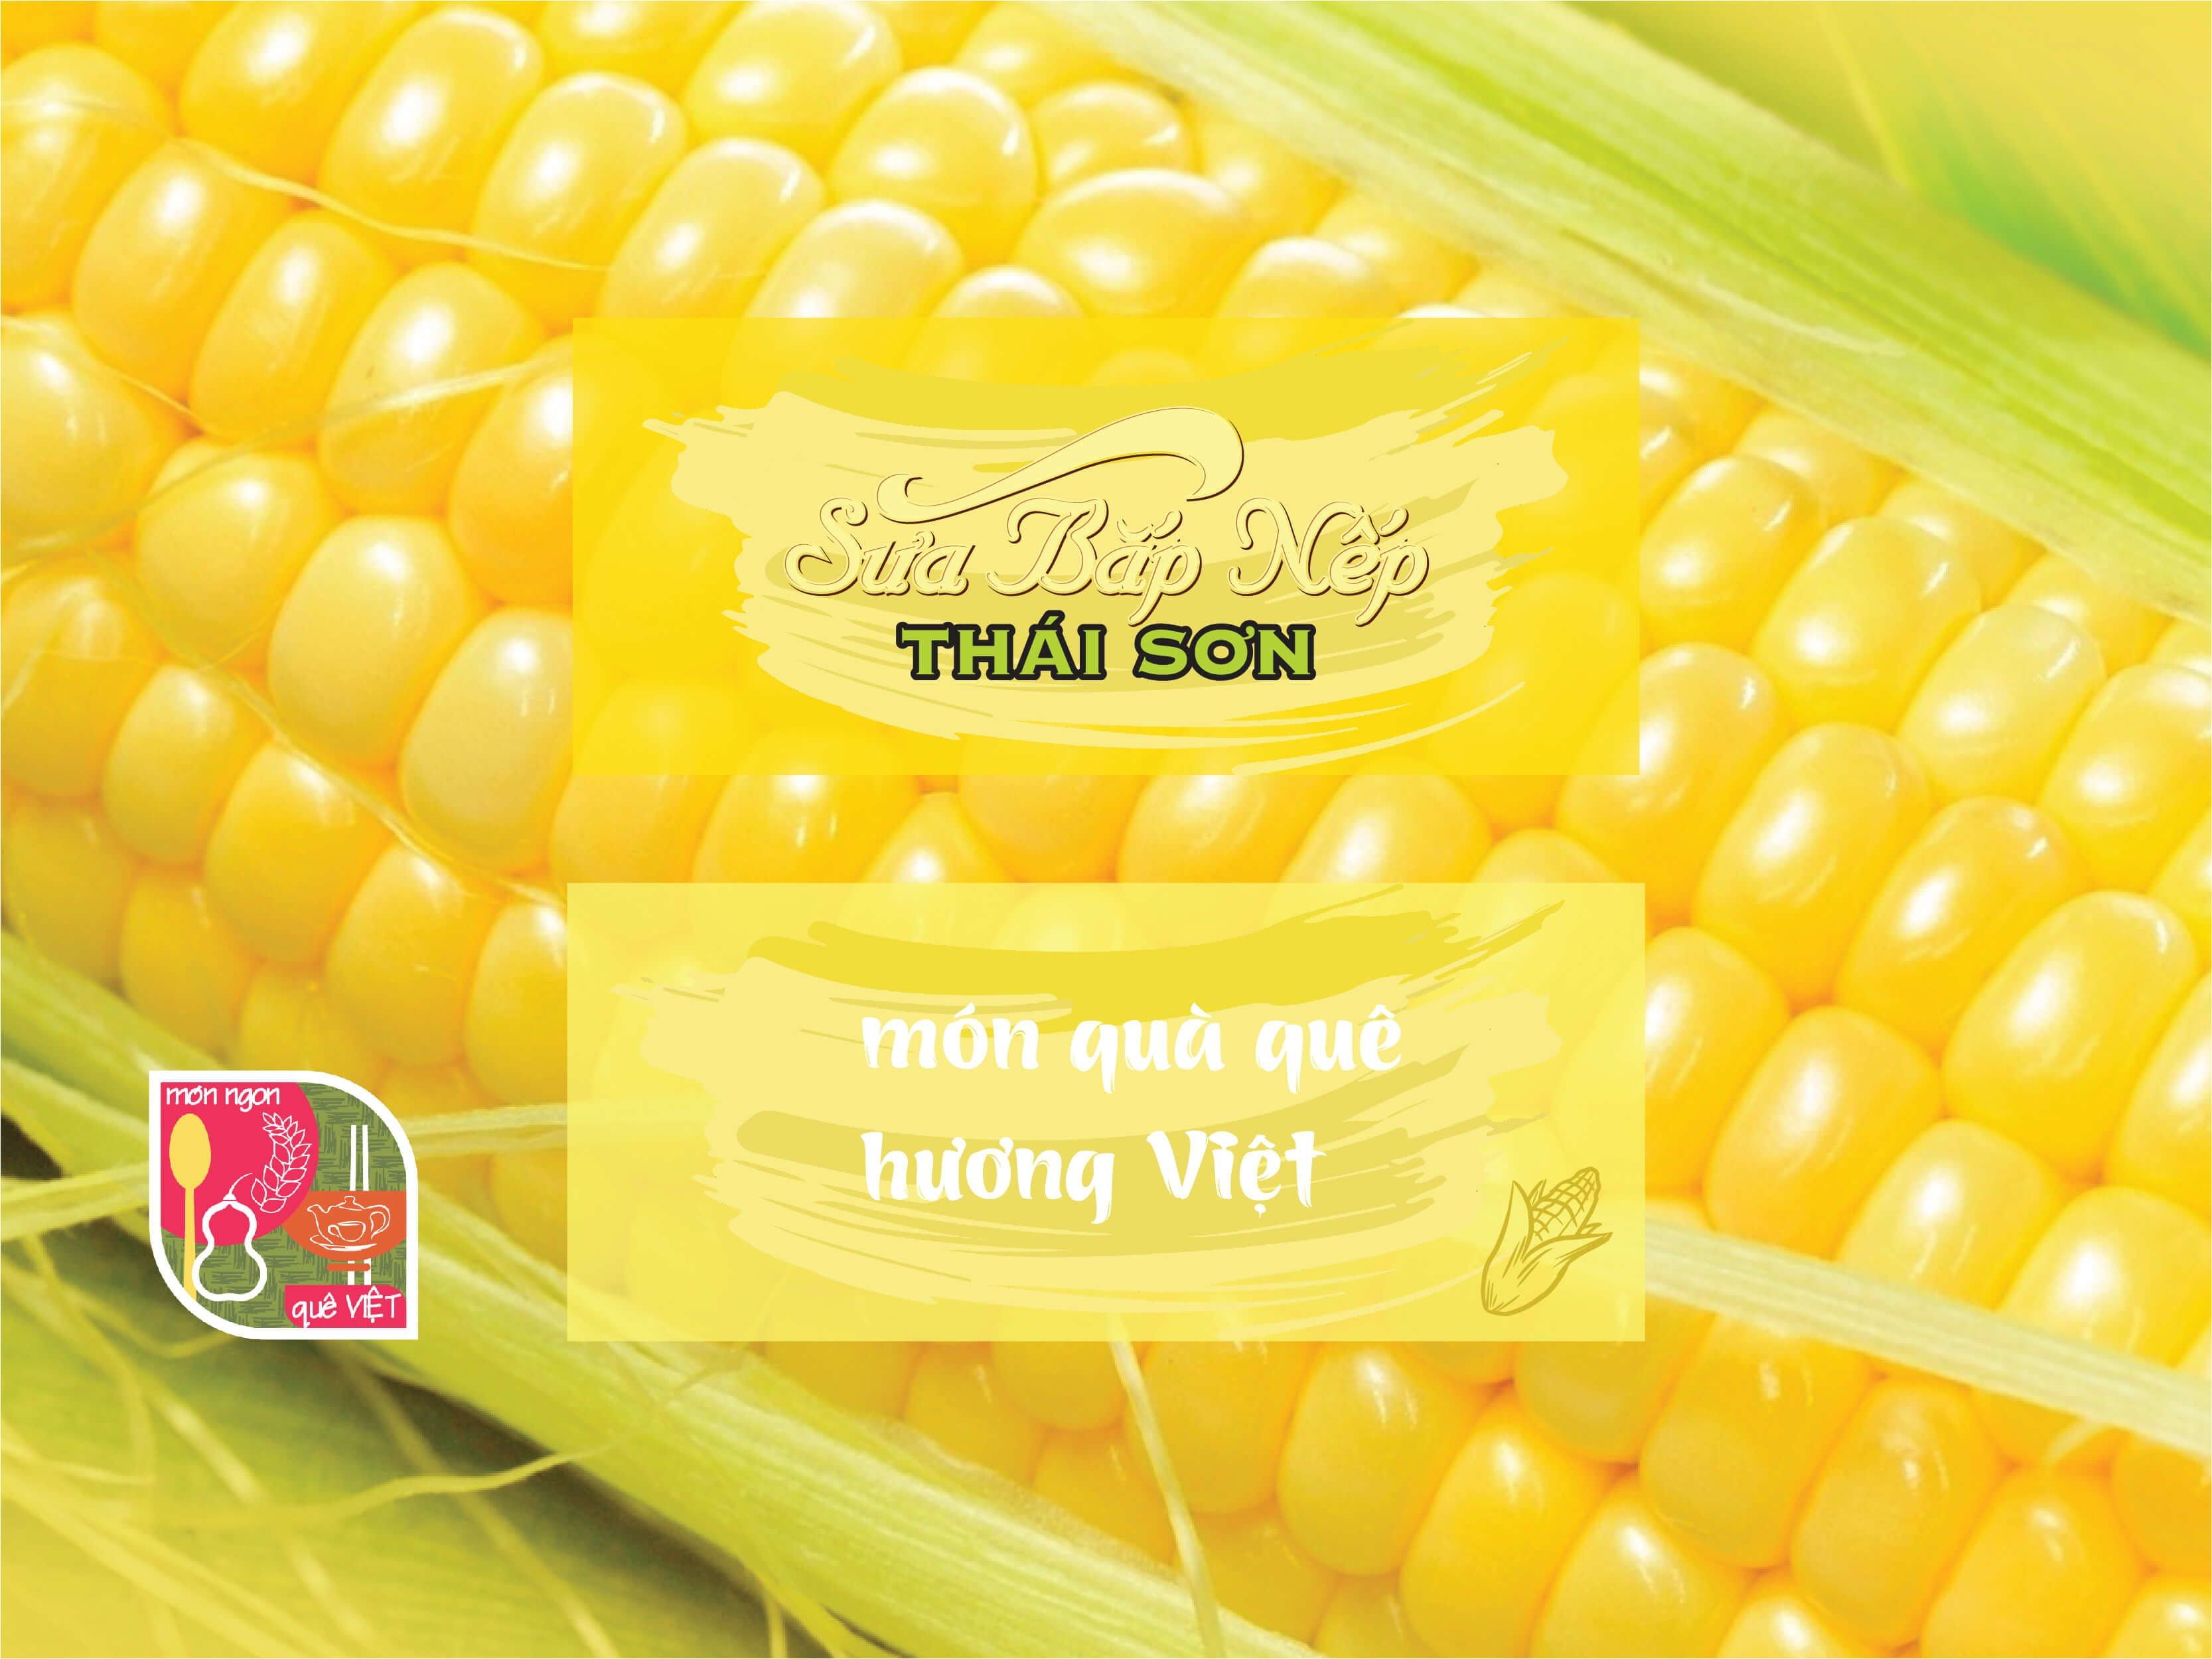 Sữa Bắp Nếp Thái Sơn - Thái Sơn Foods_03